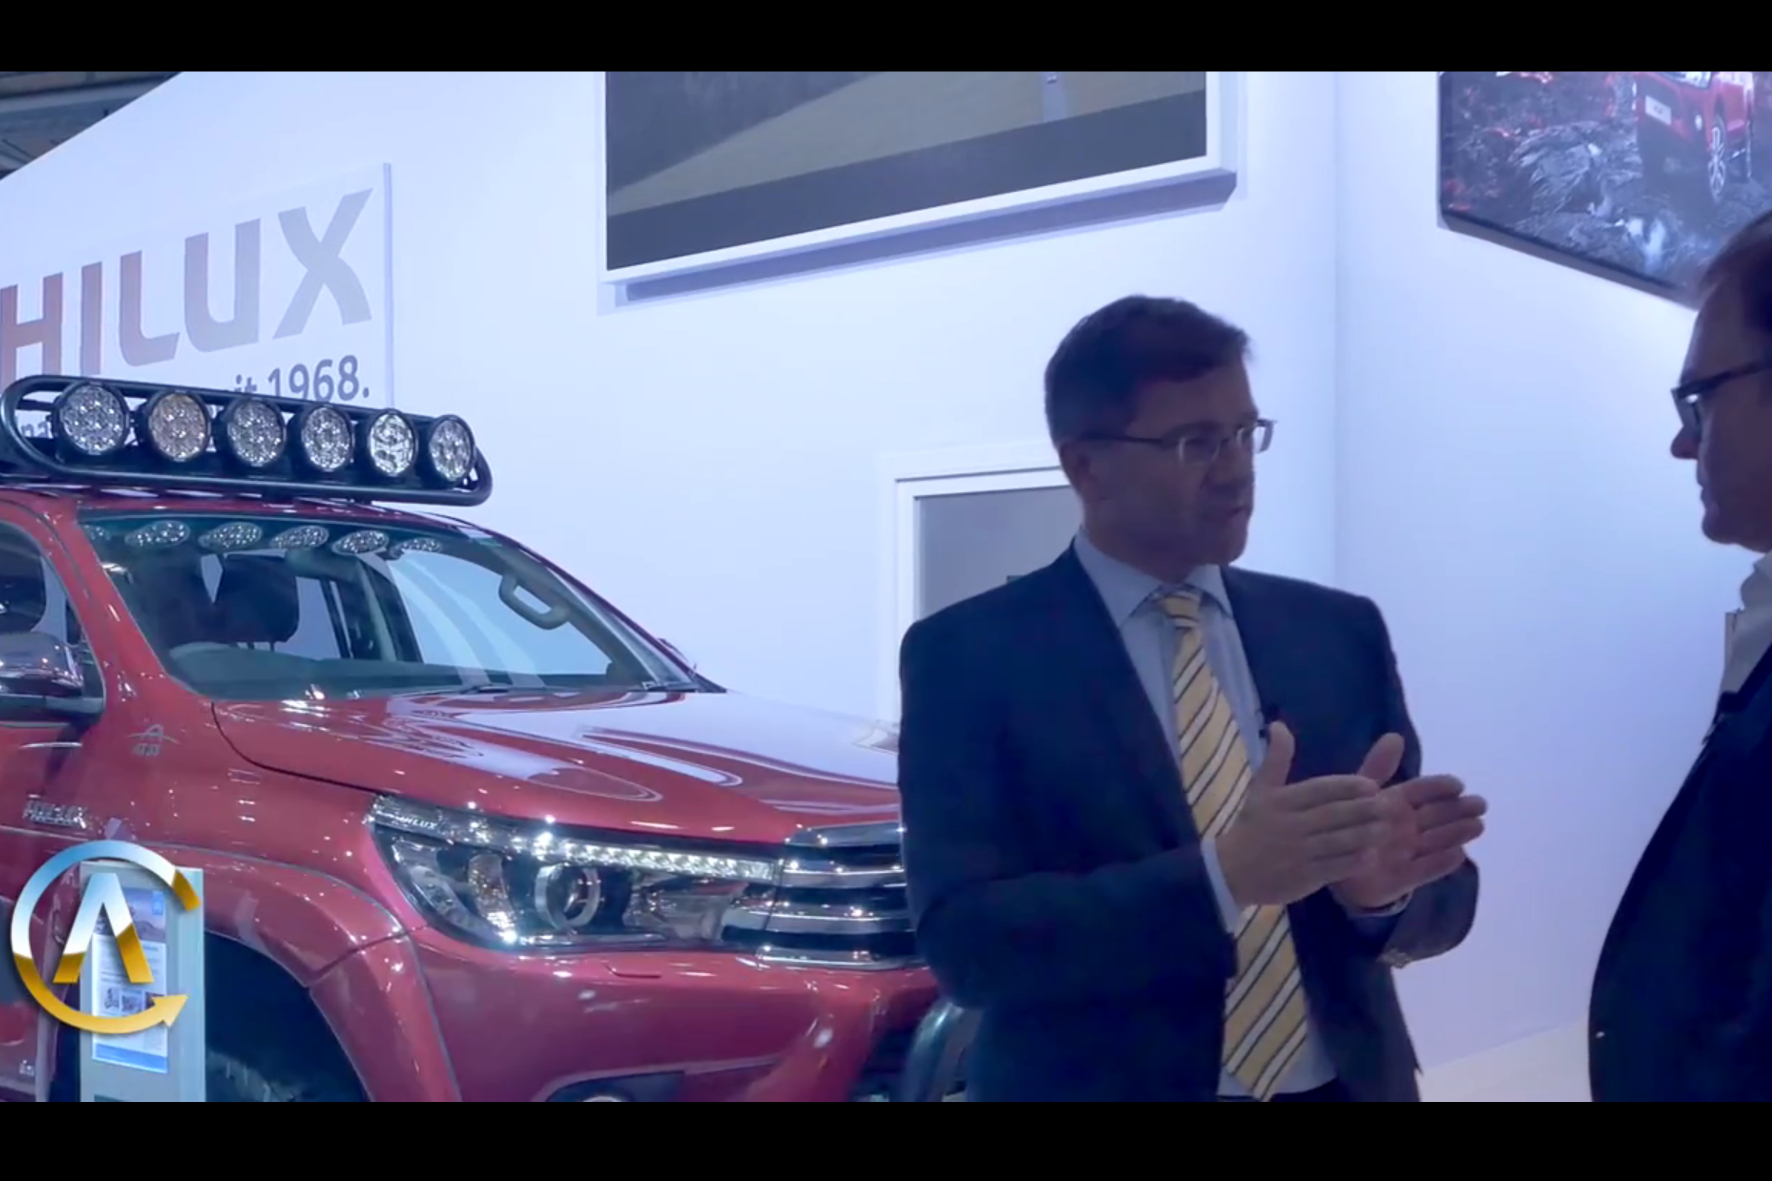 mid Hannover - Volker Hirth (Der Autotest) interviewt Thomas Schalberger, General Manager Public Relations & Press von Toyota Deutschland.